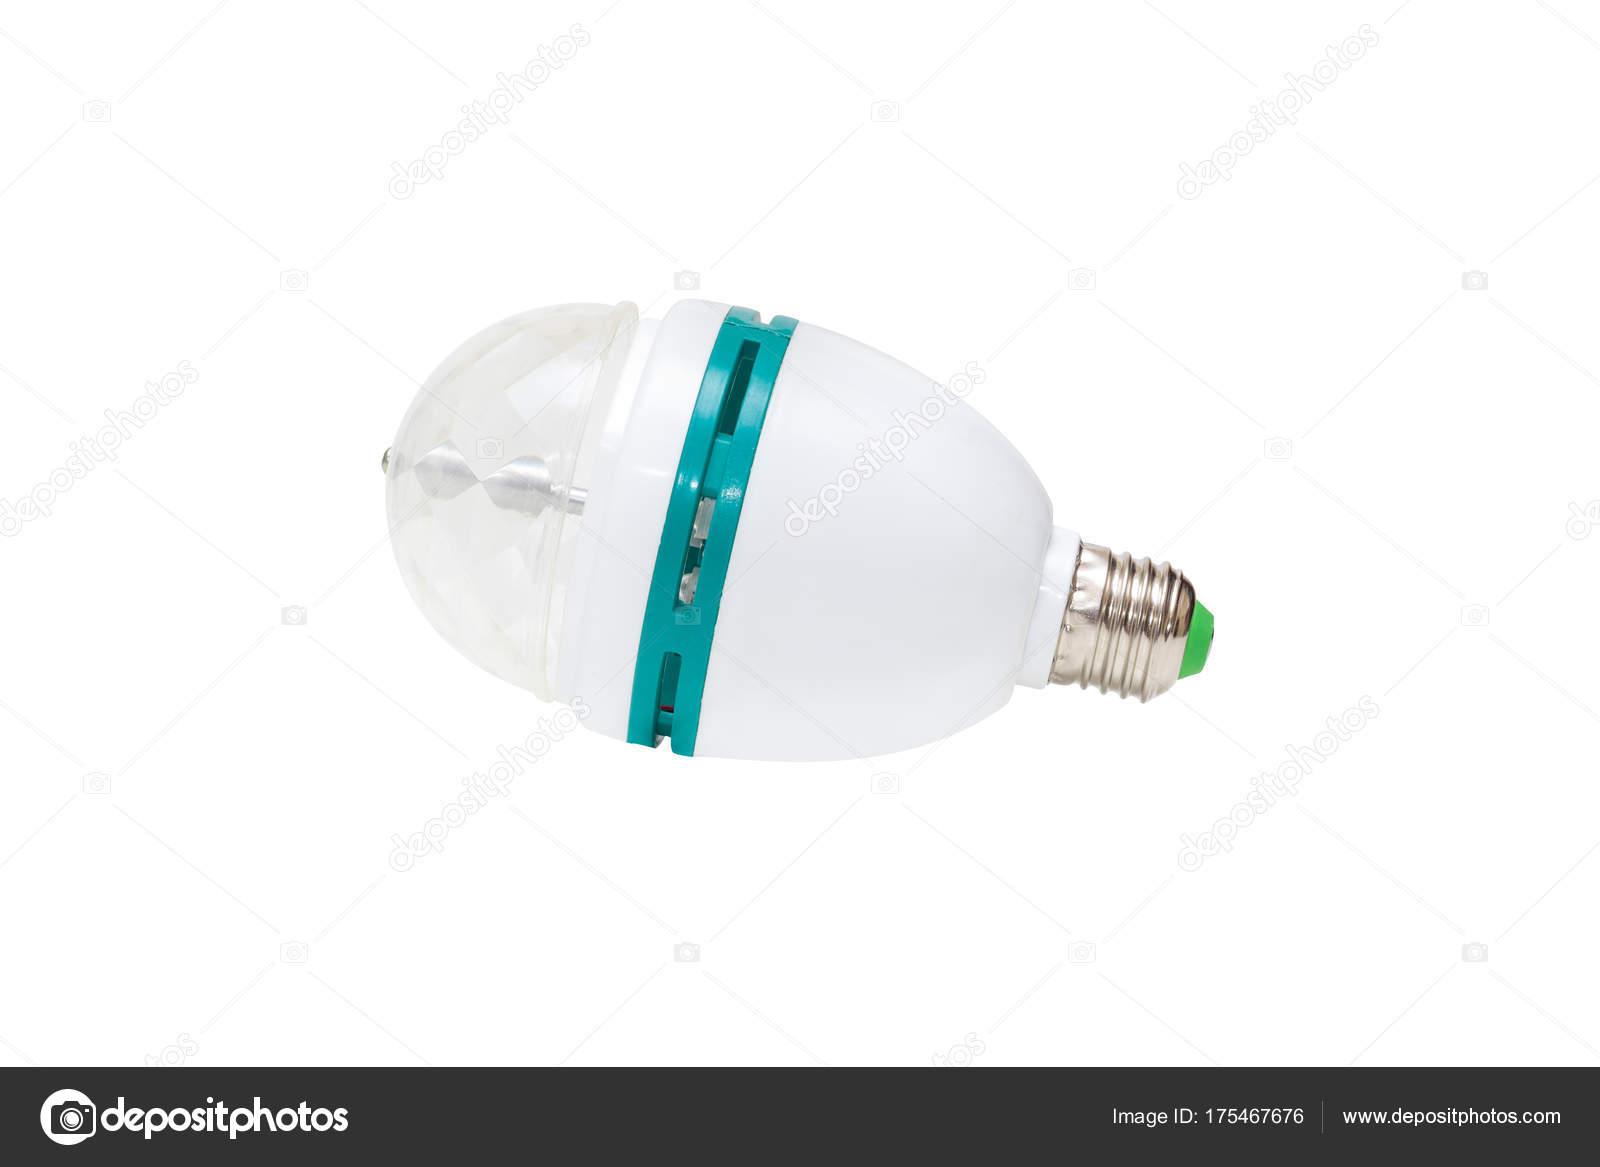 E rgb led lamp w w w led rgb bulb light lamp v v remote